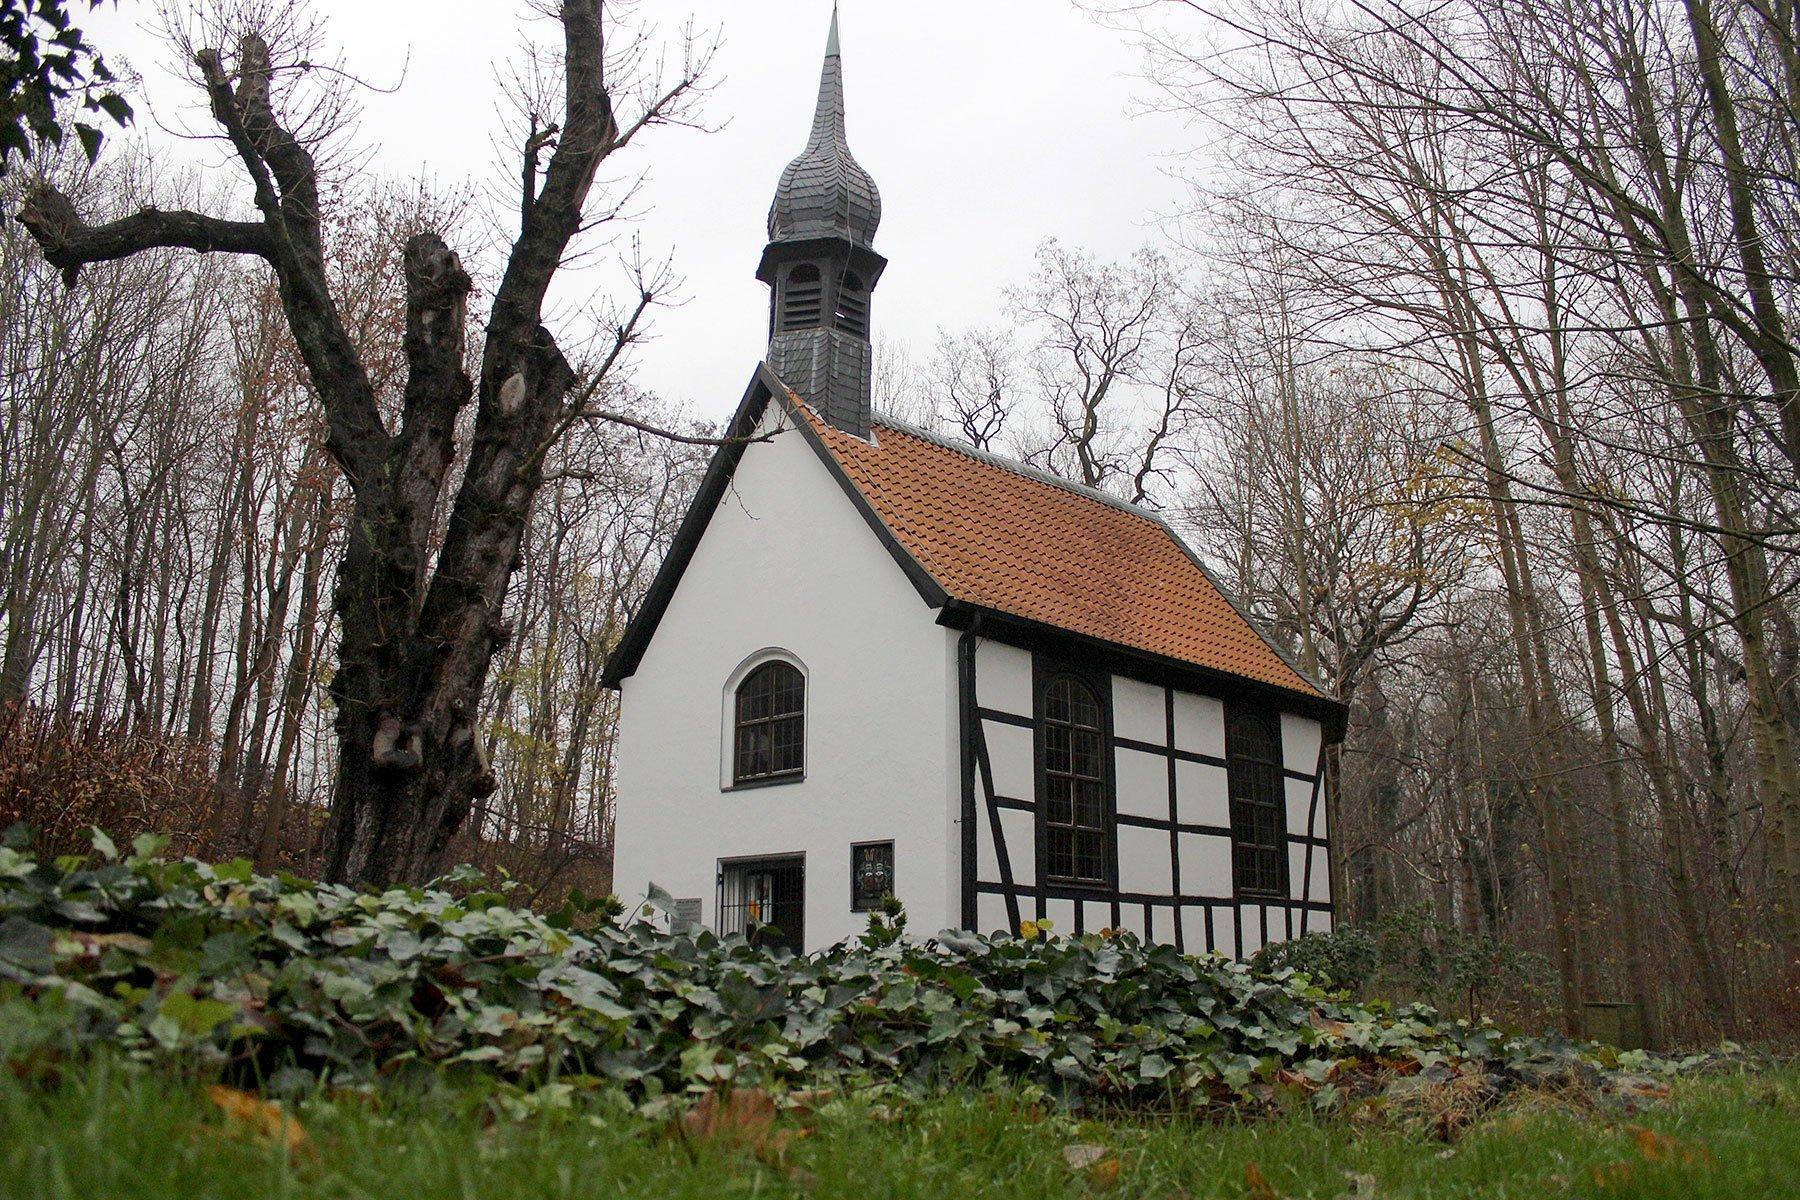 Die Kammerkonzerte finden in der Kapelle Wischlingen statt. (Archivfoto: IN-StadtMagazine)